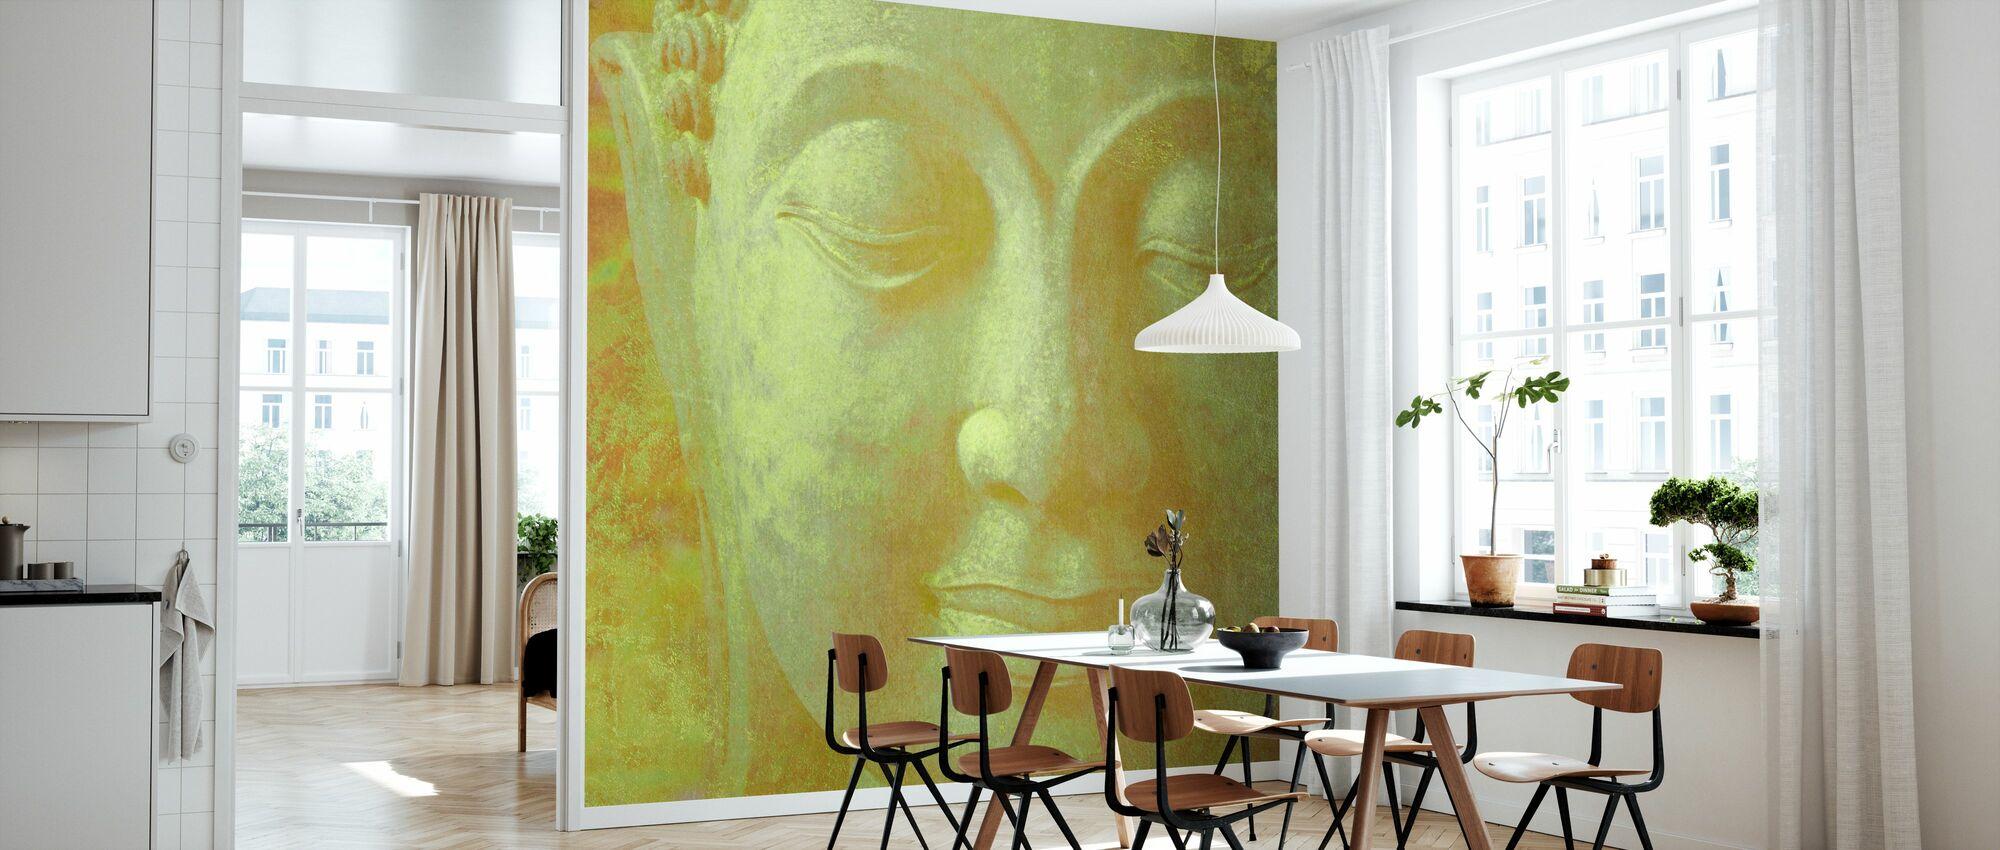 Yellow Buddha Squared - Wallpaper - Kitchen